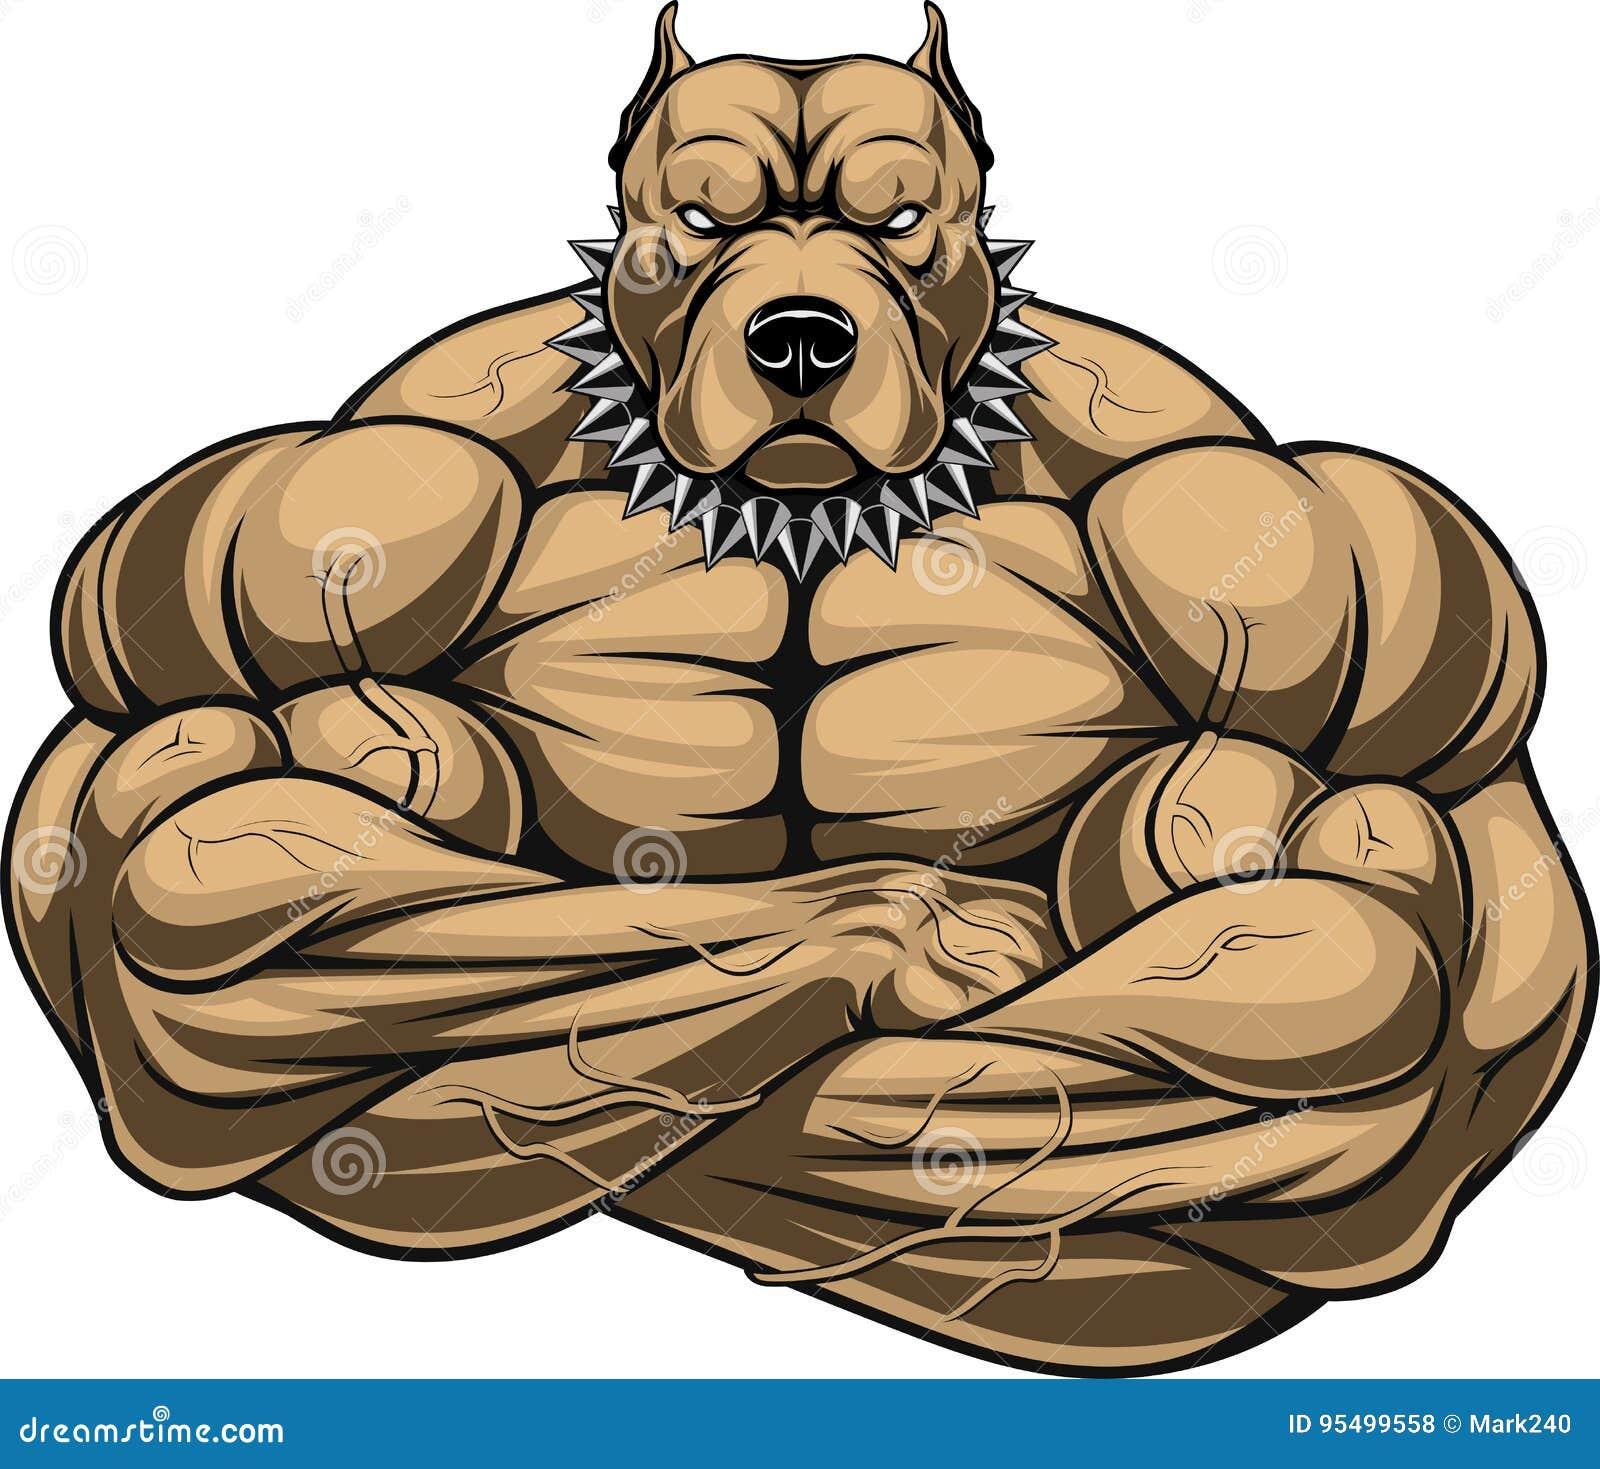 Big Angry Dog Website